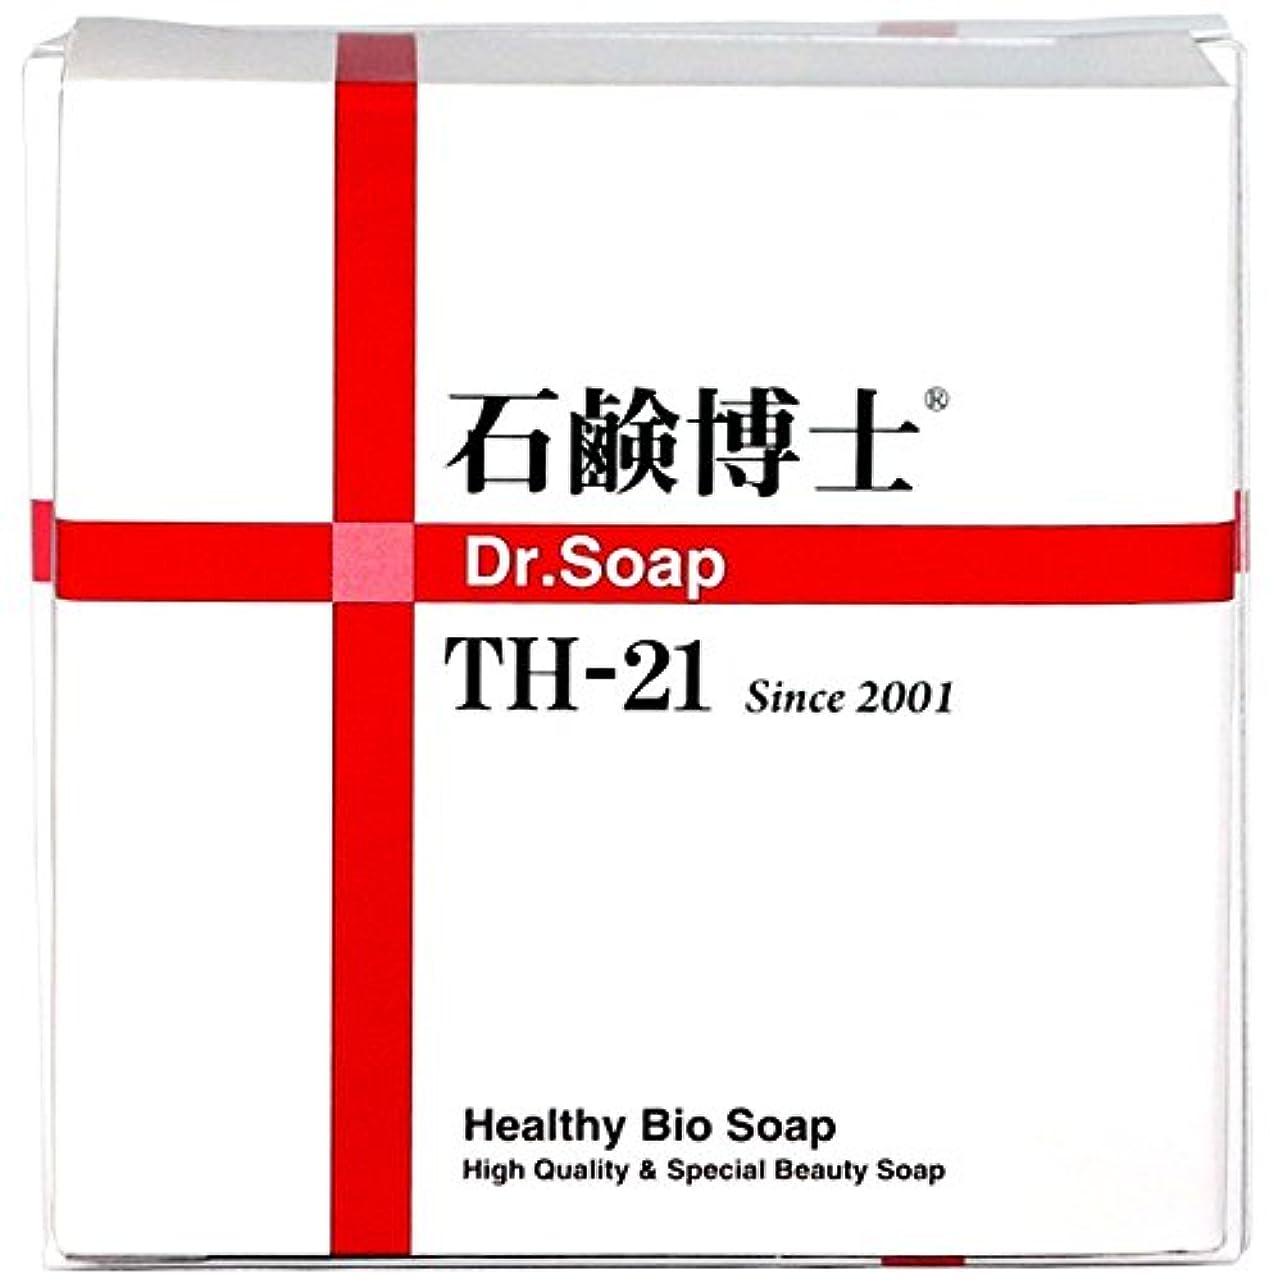 優雅なバウンドフリンジミネラルと分解酵素で洗顔しながらスキンケア 石鹸博士 DRソープ石鹸 Dr.Soap TH-21 100g